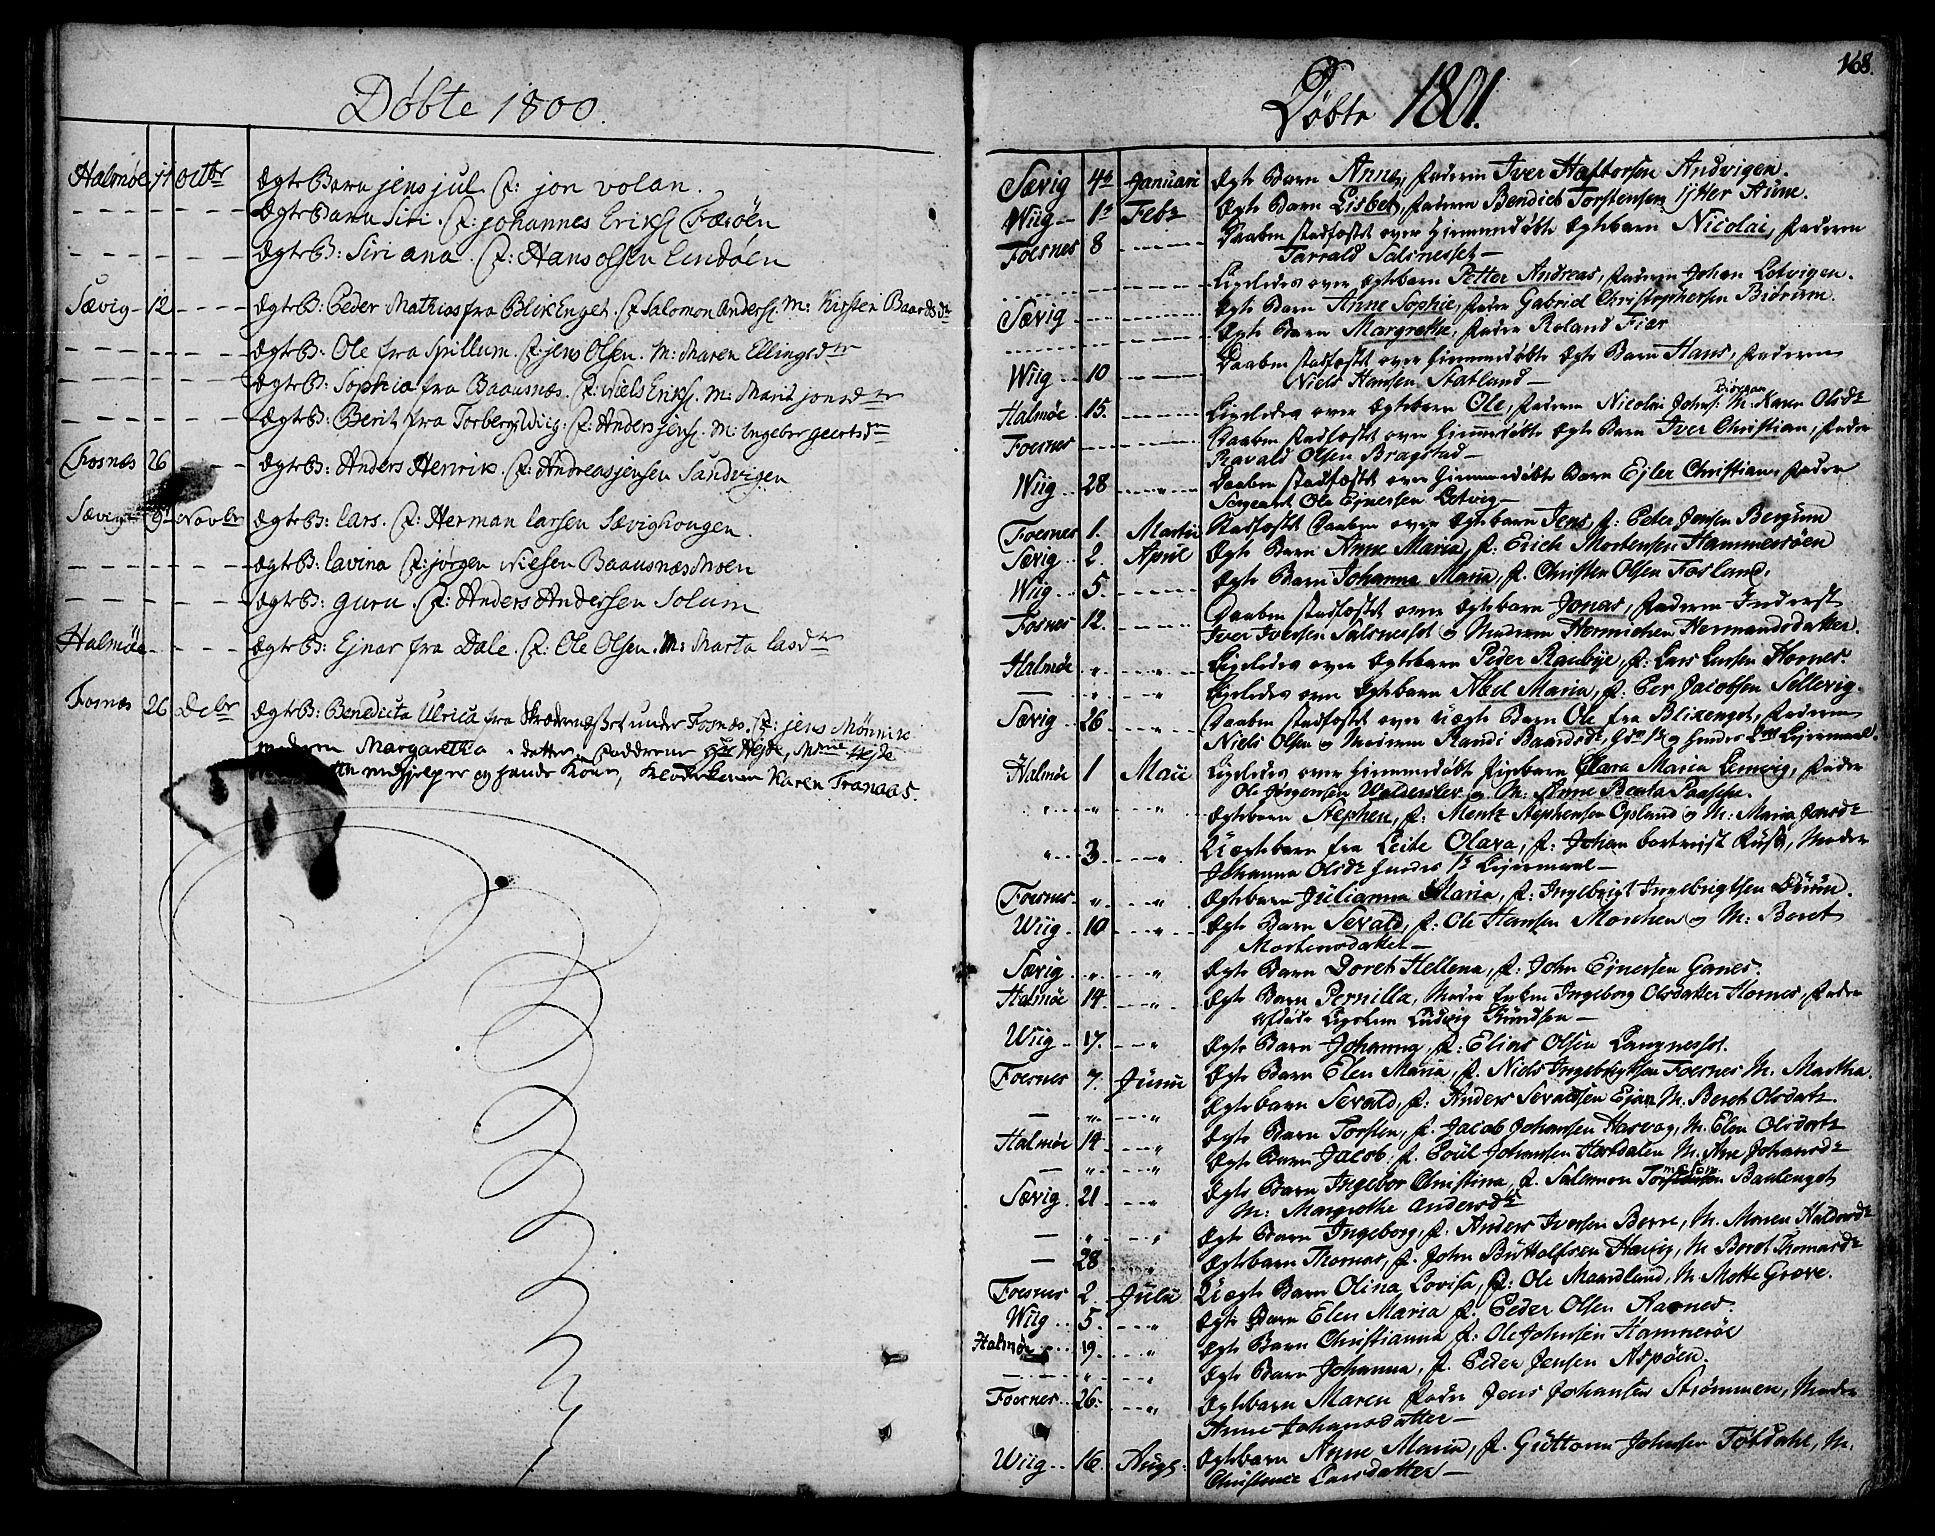 SAT, Ministerialprotokoller, klokkerbøker og fødselsregistre - Nord-Trøndelag, 773/L0608: Ministerialbok nr. 773A02, 1784-1816, s. 168